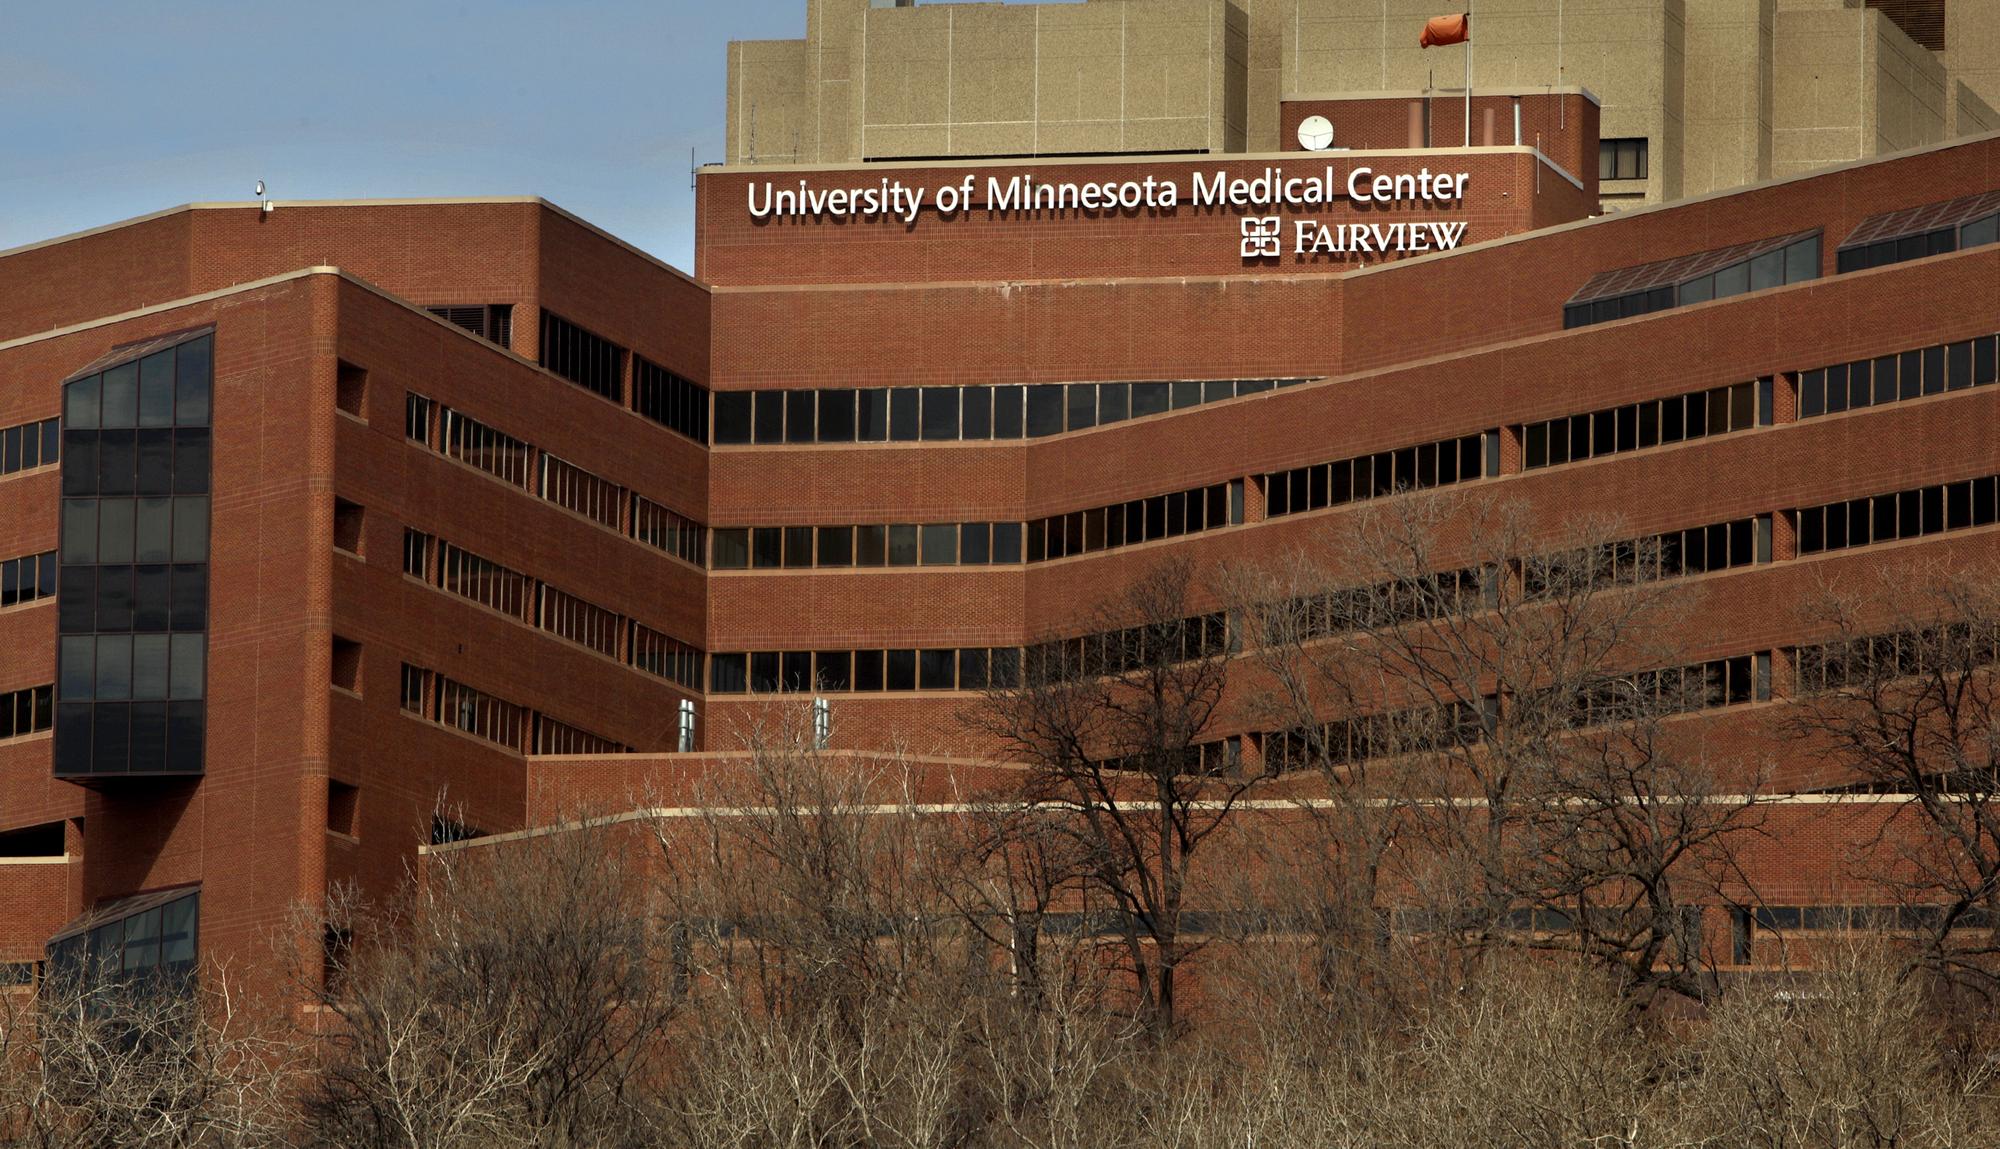 Медицинская школа Университета Миннесоты. Оливковое масло - ключ к долголетию.